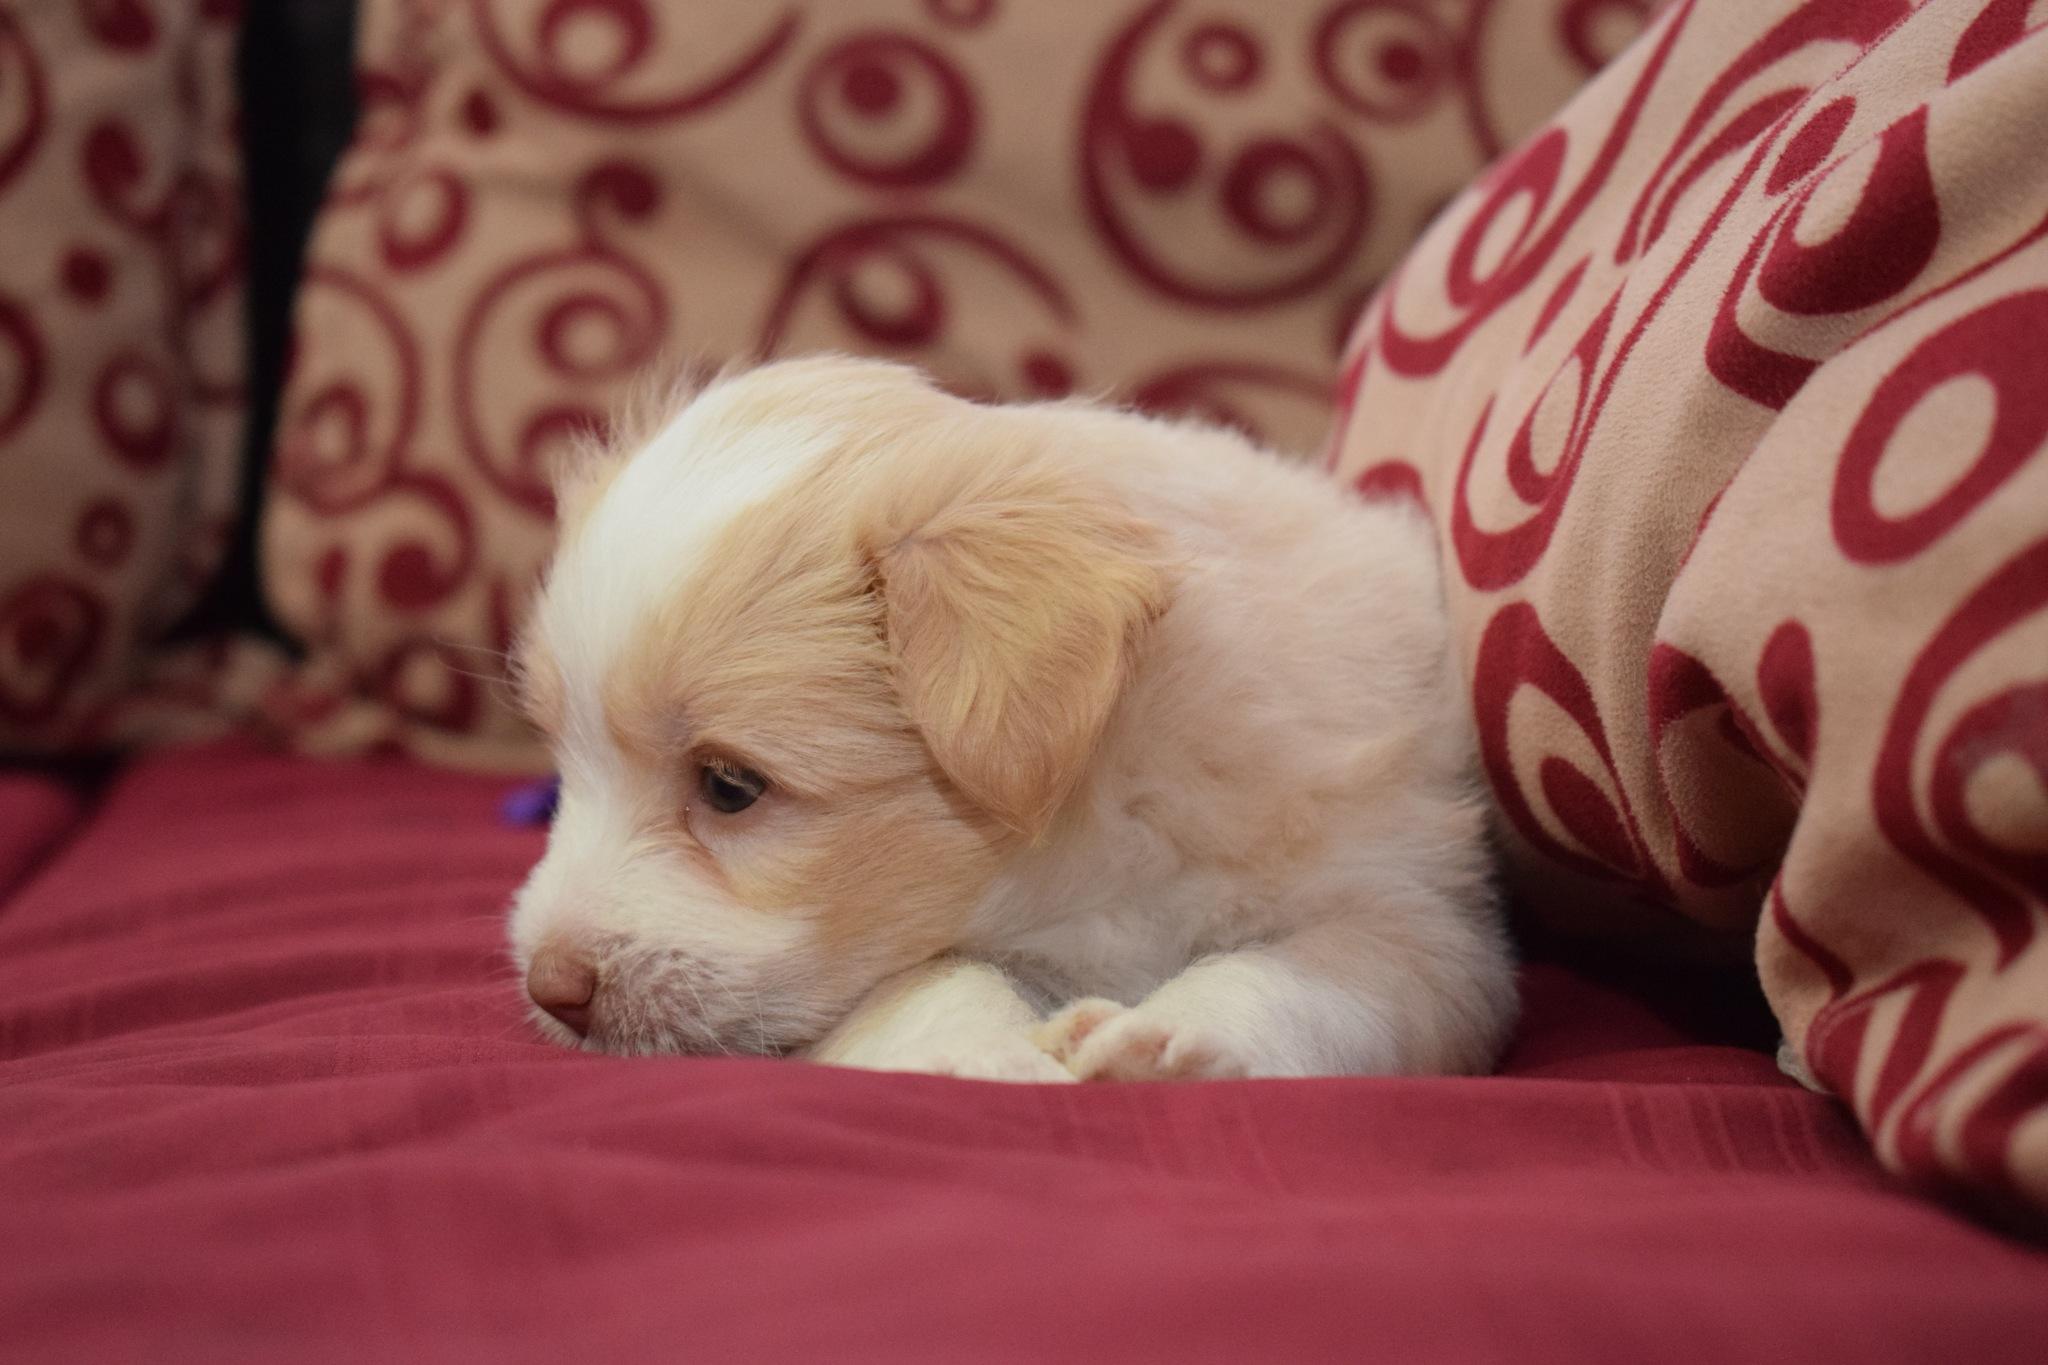 A sad little dog by Mohamed Hamed